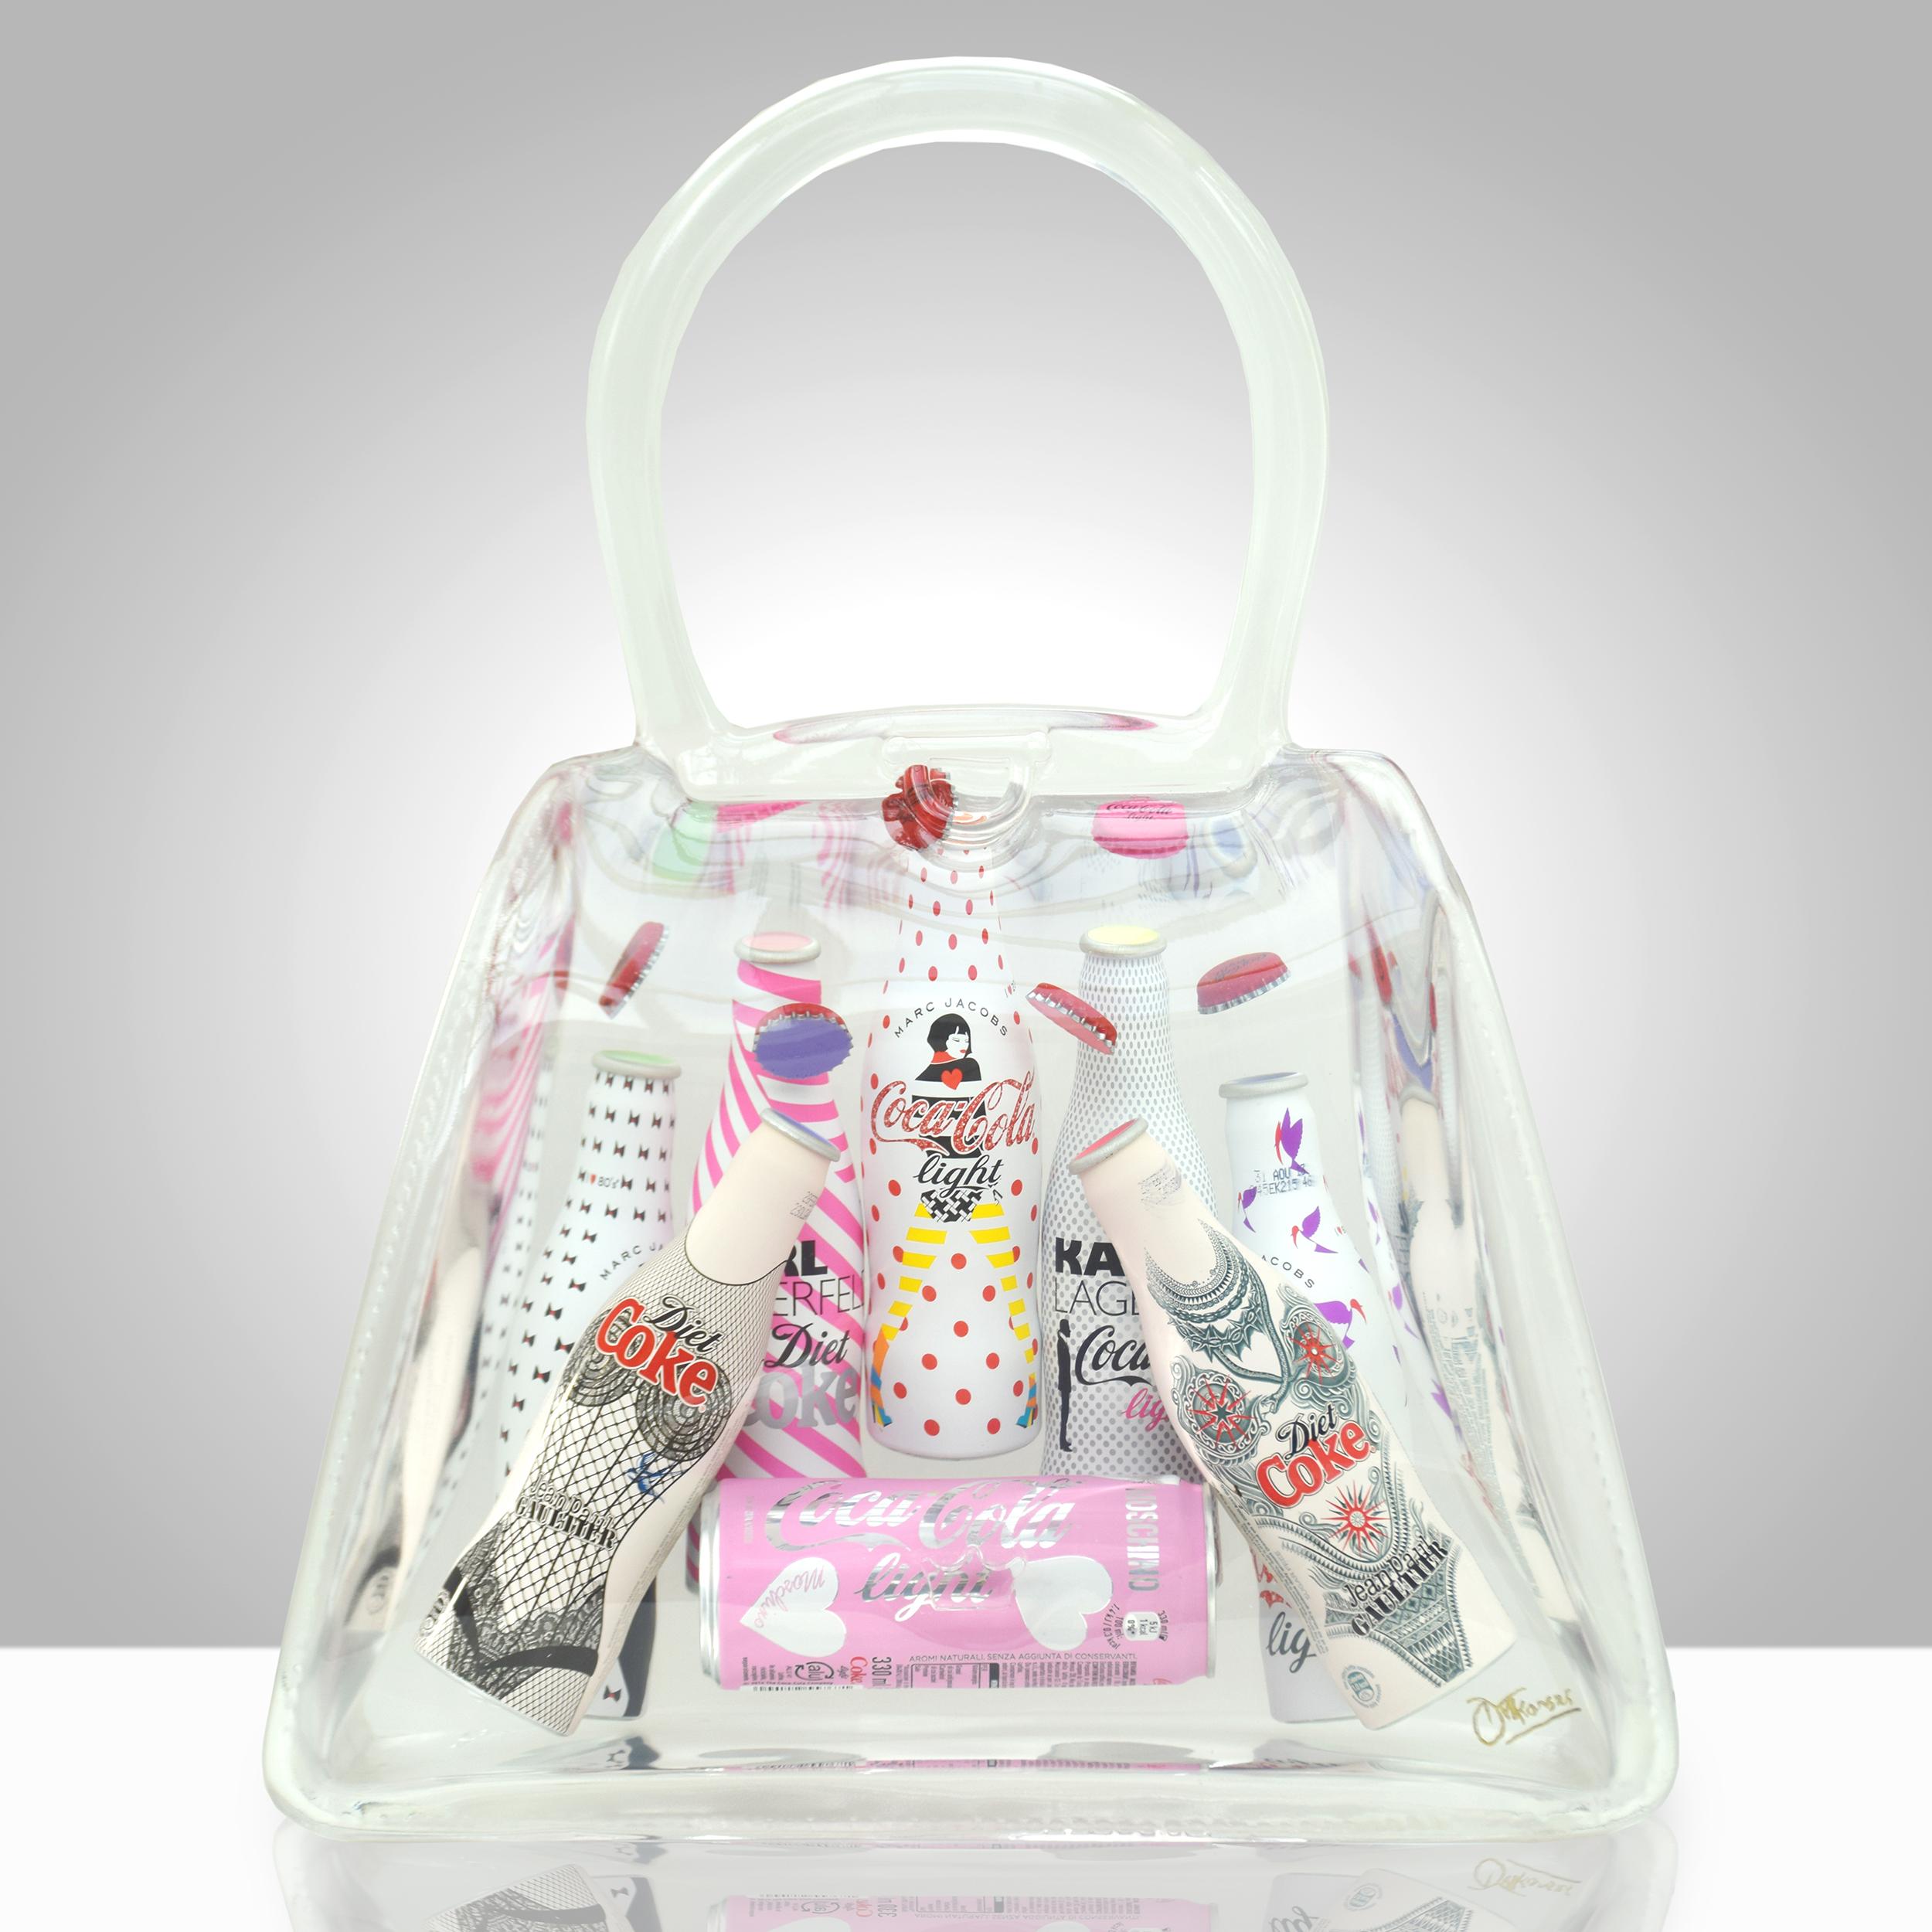 Debra Franses - Karl's Coke Bag , 4509-011-007